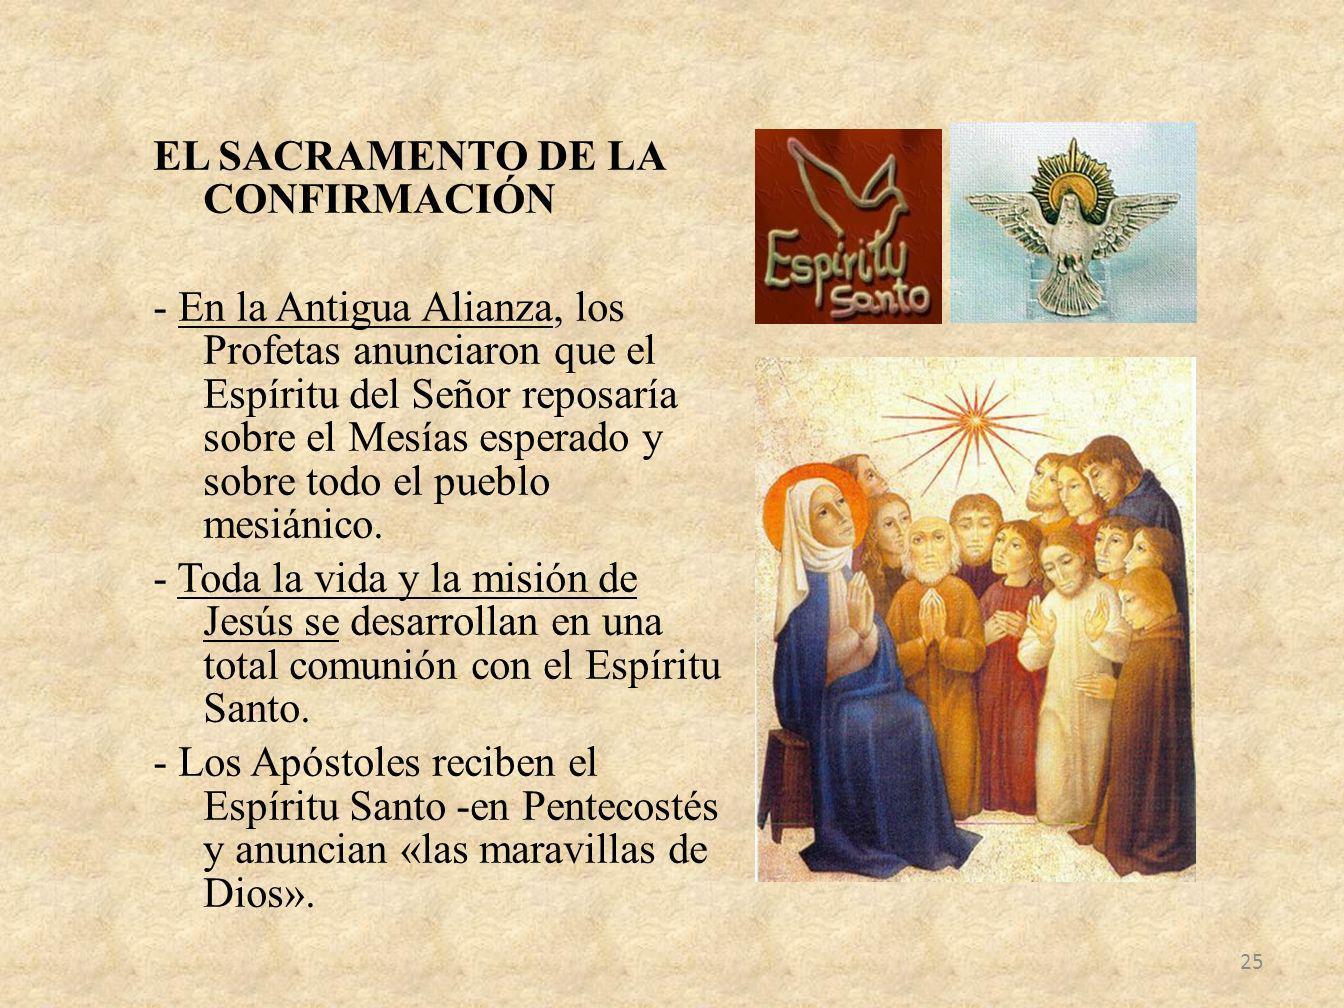 EL SACRAMENTO DE LA CONFIRMACIÓN - En la Antigua Alianza, los Profetas anunciaron que el Espíritu del Señor reposaría sobre el Mesías esperado y sobre